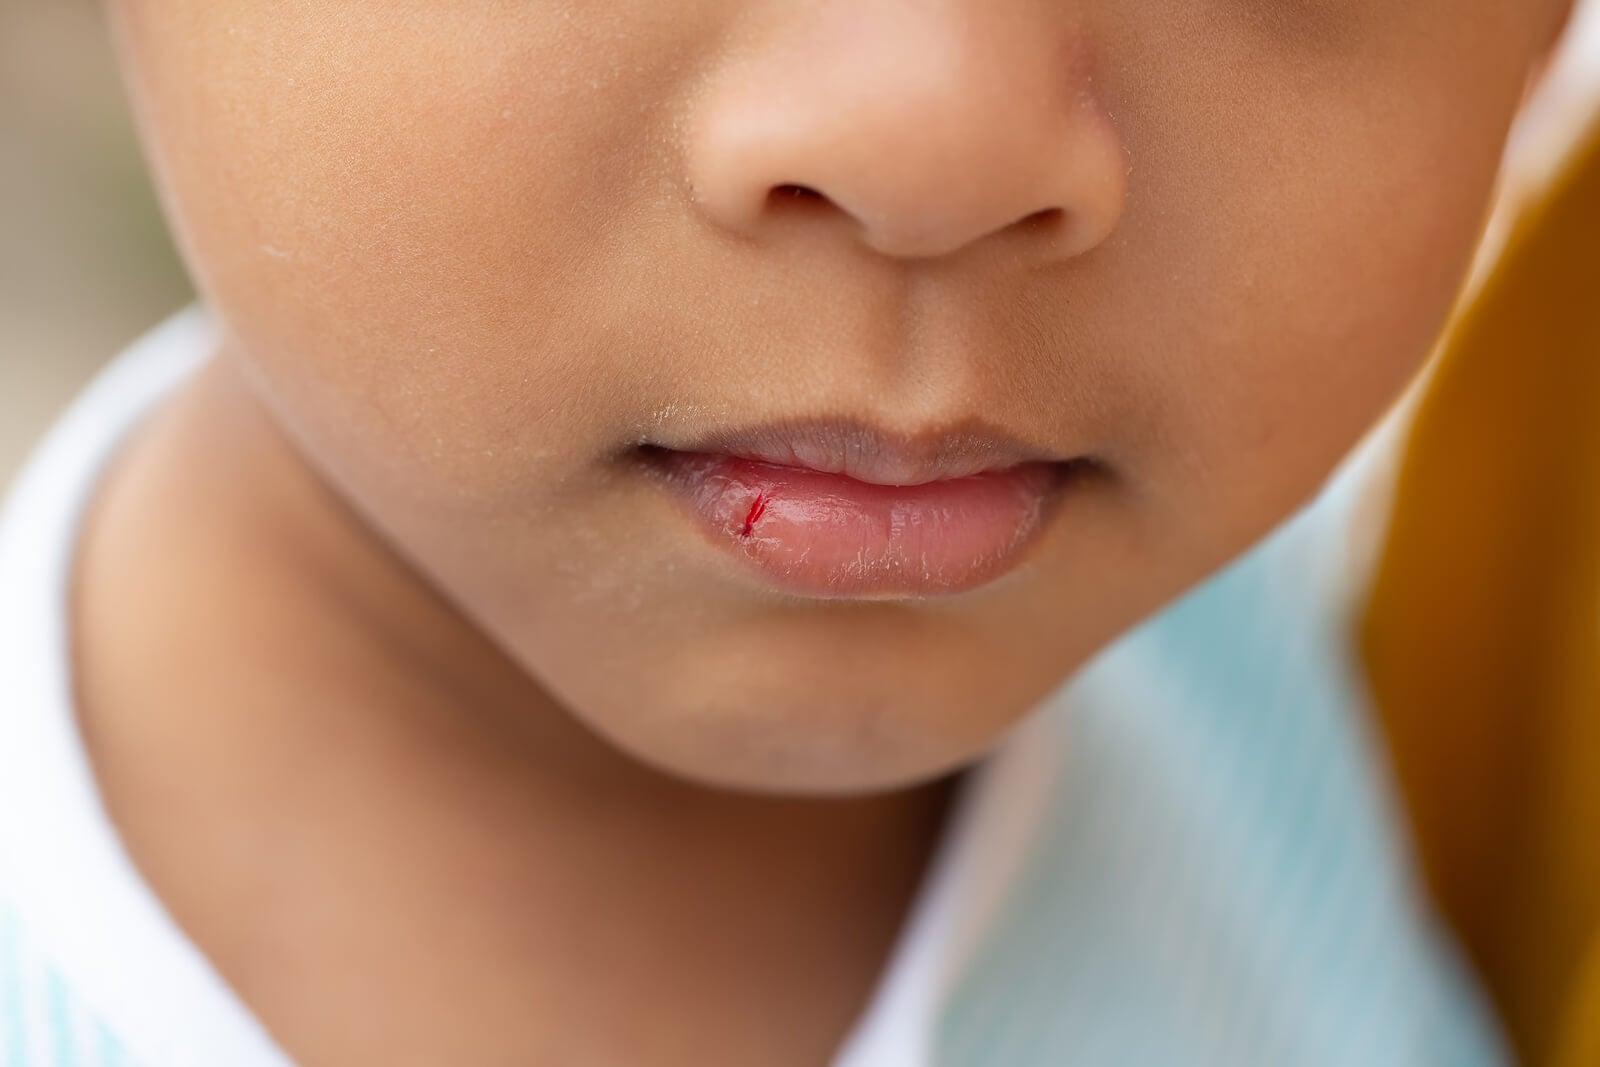 Niño con los labios agrietados.